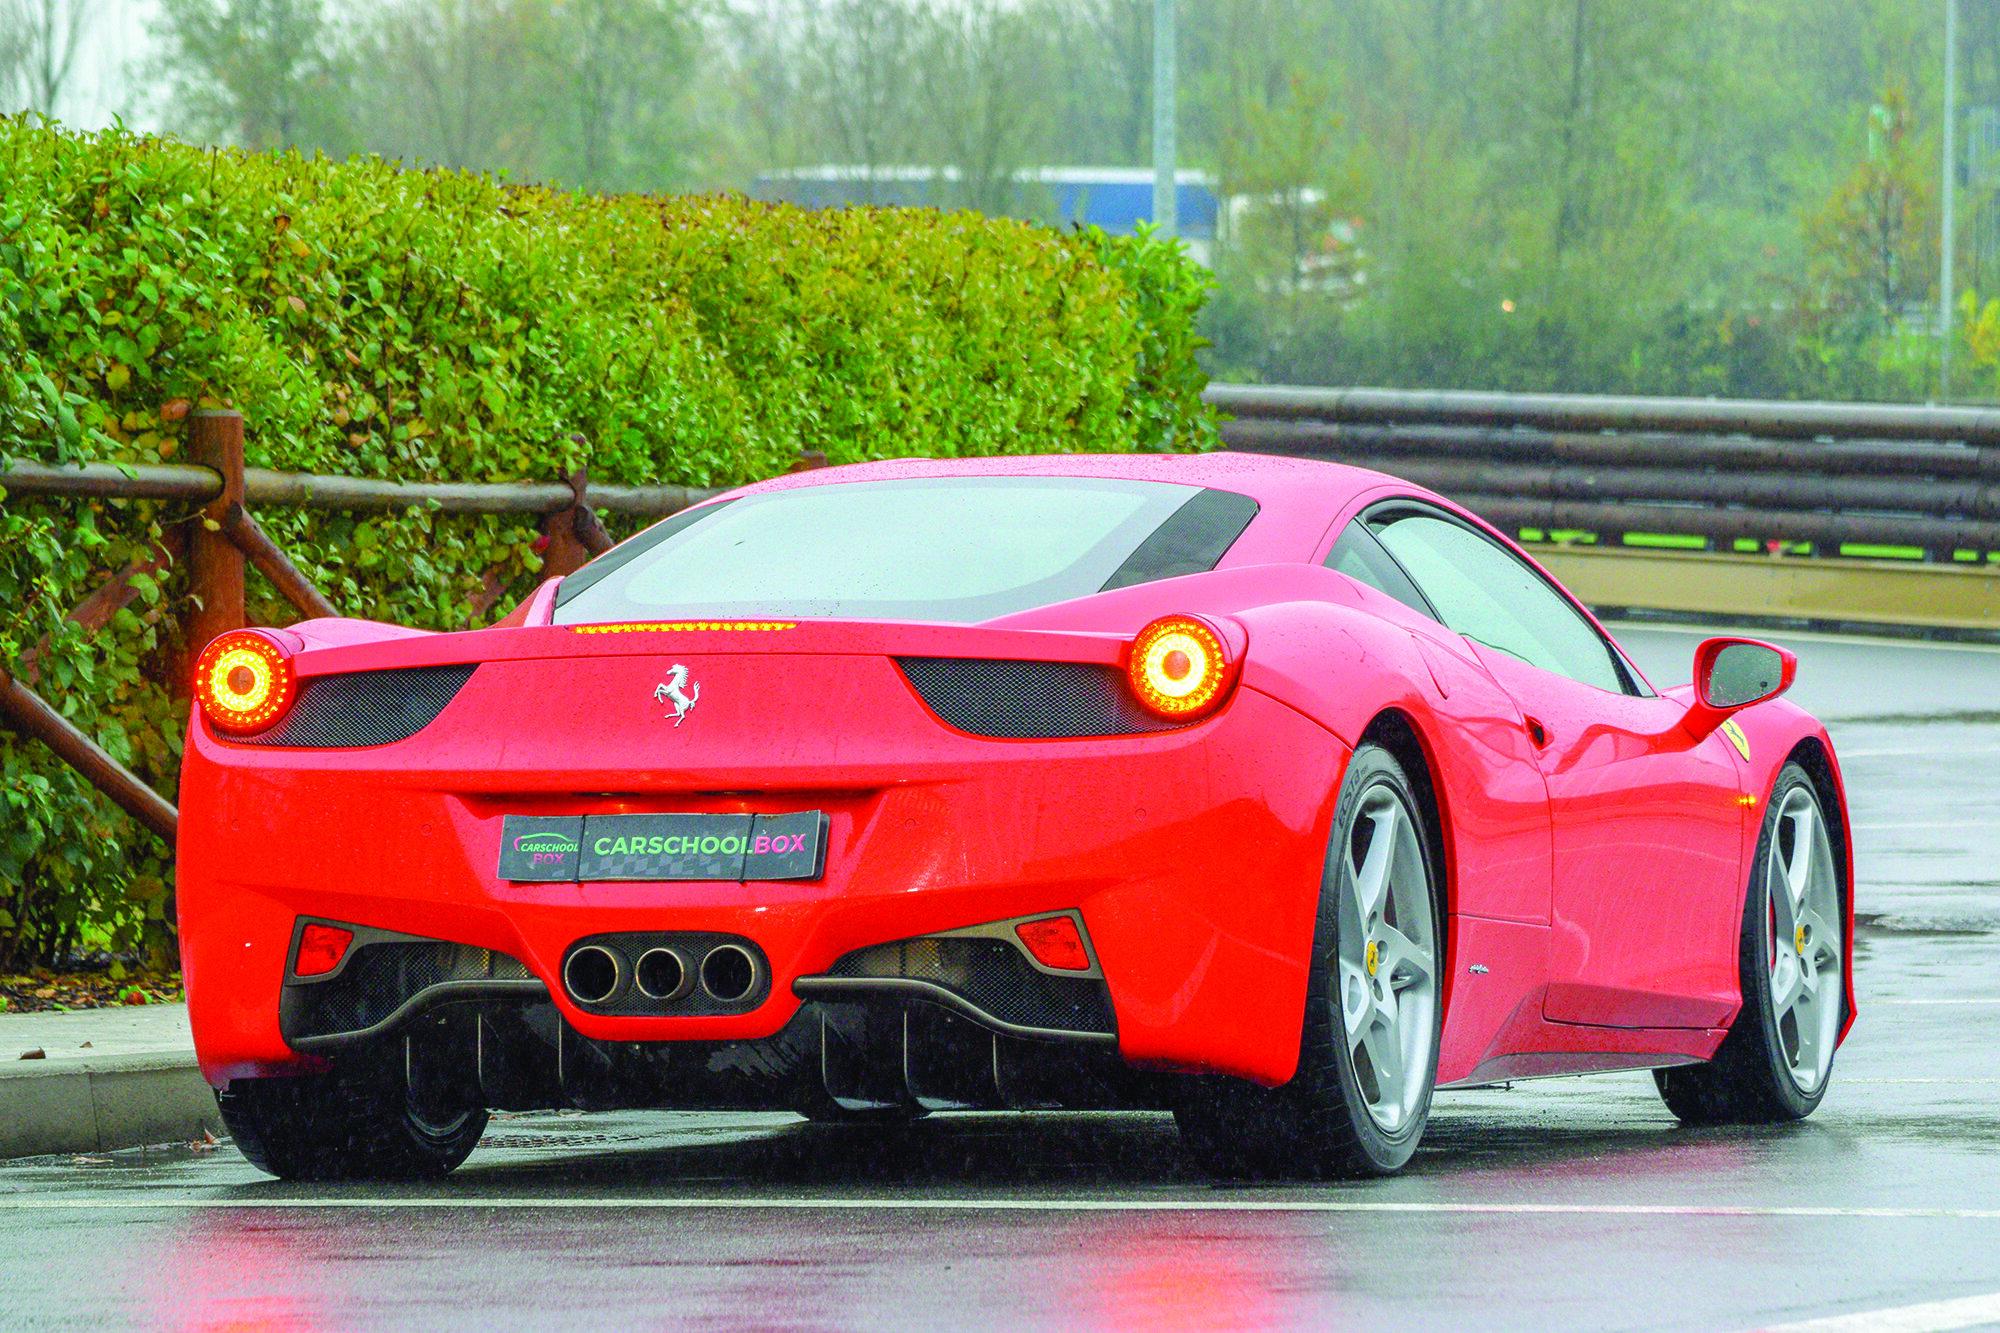 Matrimonio In Ferrari : Ferrari f su pista matrimonio in grande stile multiattività